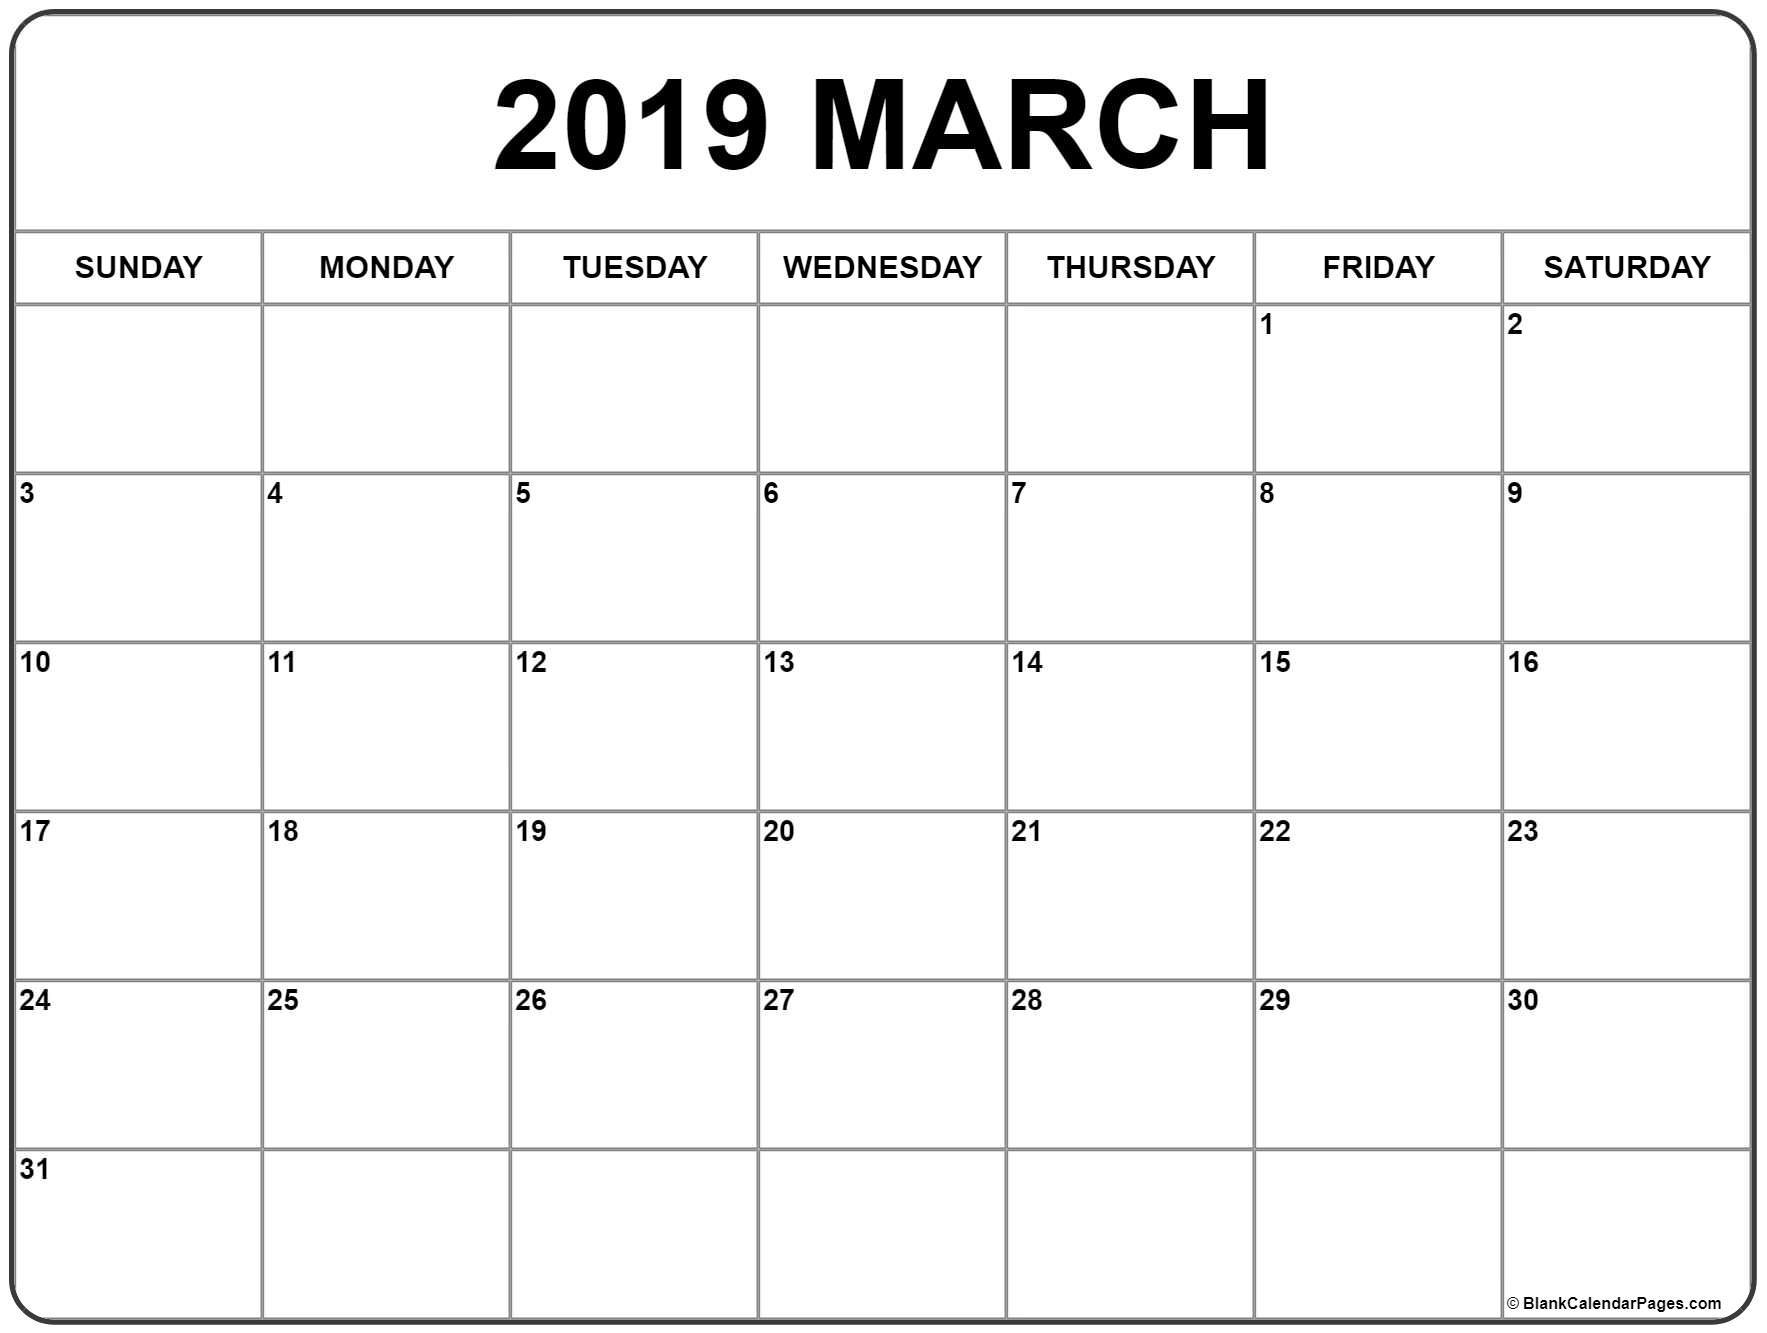 March 2019 calendar March calendar 2019